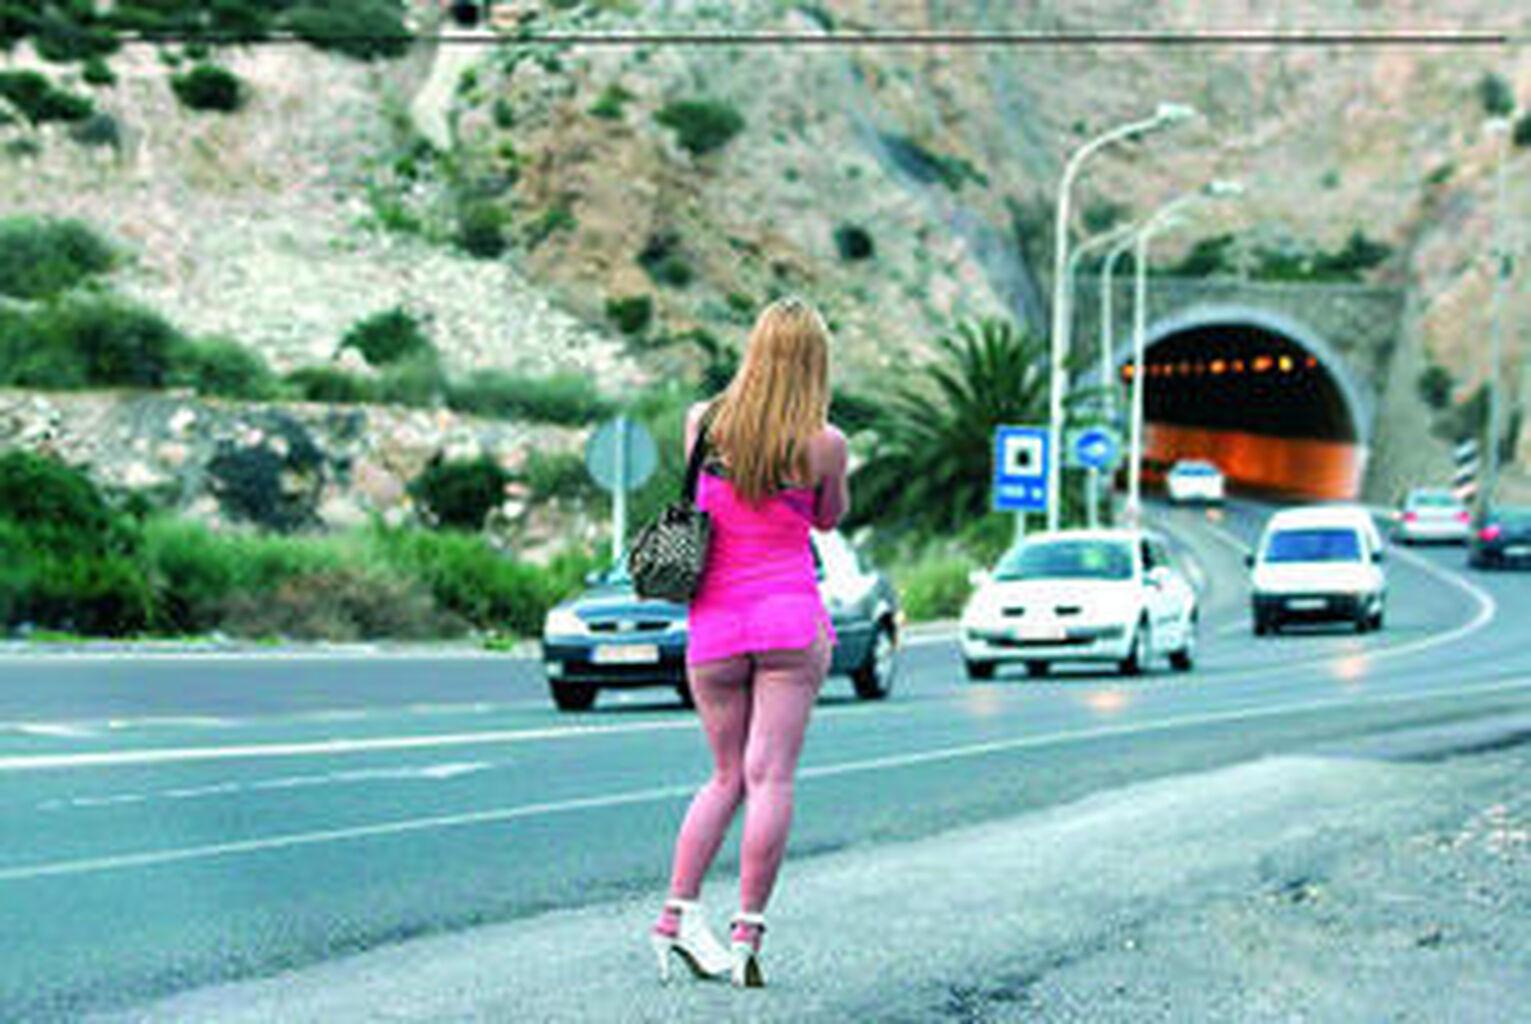 tipos de prostitutas prostitutas callejeras en sevilla